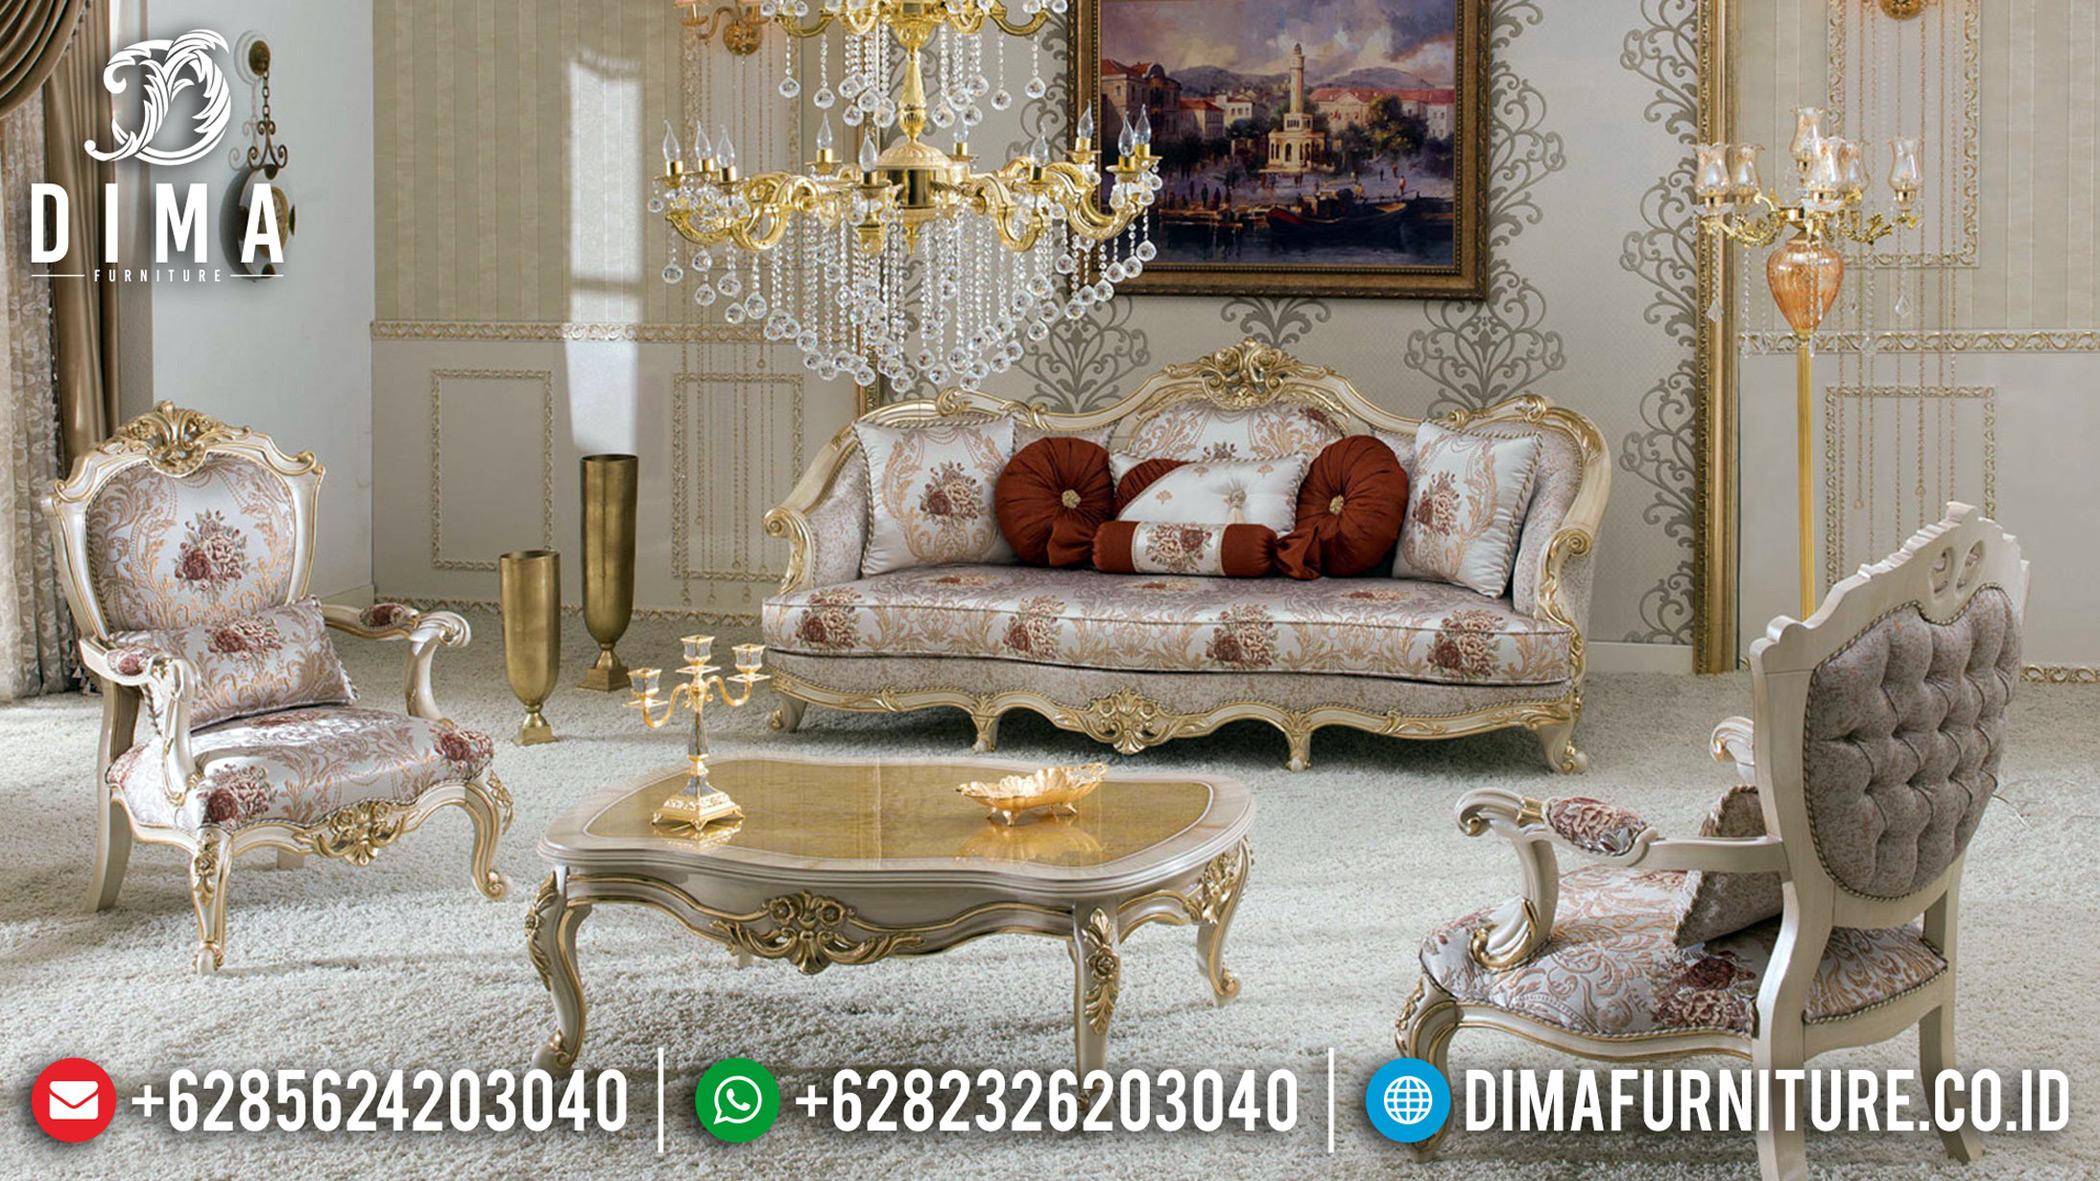 Model Ruang Tamu Mewah Sofa Tamu Ukiran Klasik Luxury New Turkish Style MMJ-0734